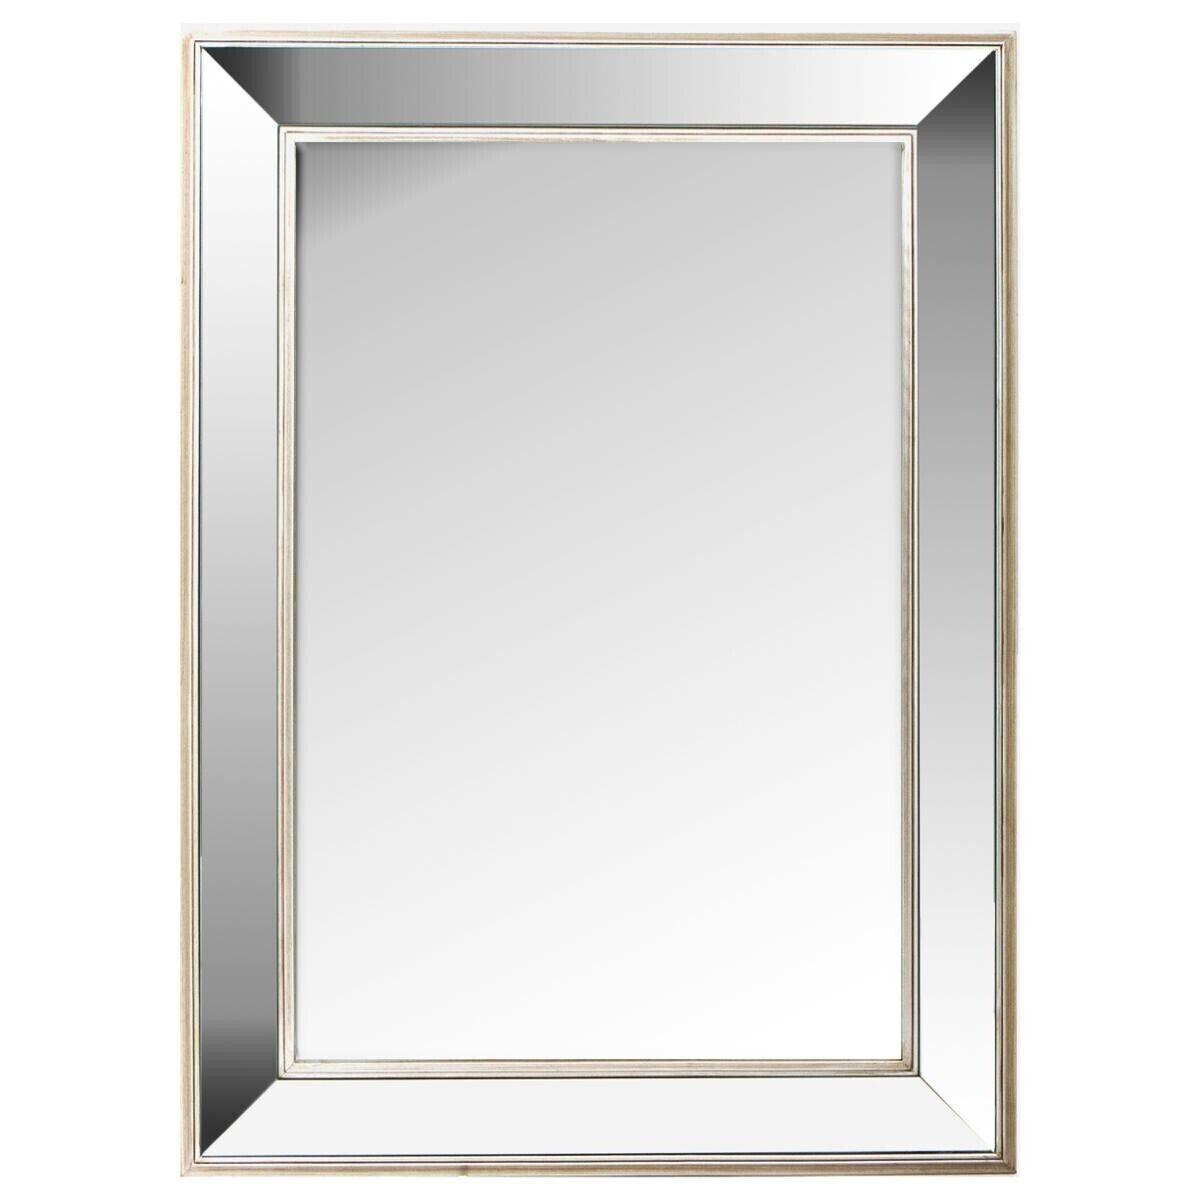 Atmosphera Miroir 'Tajmal' argenté 82x112 cm